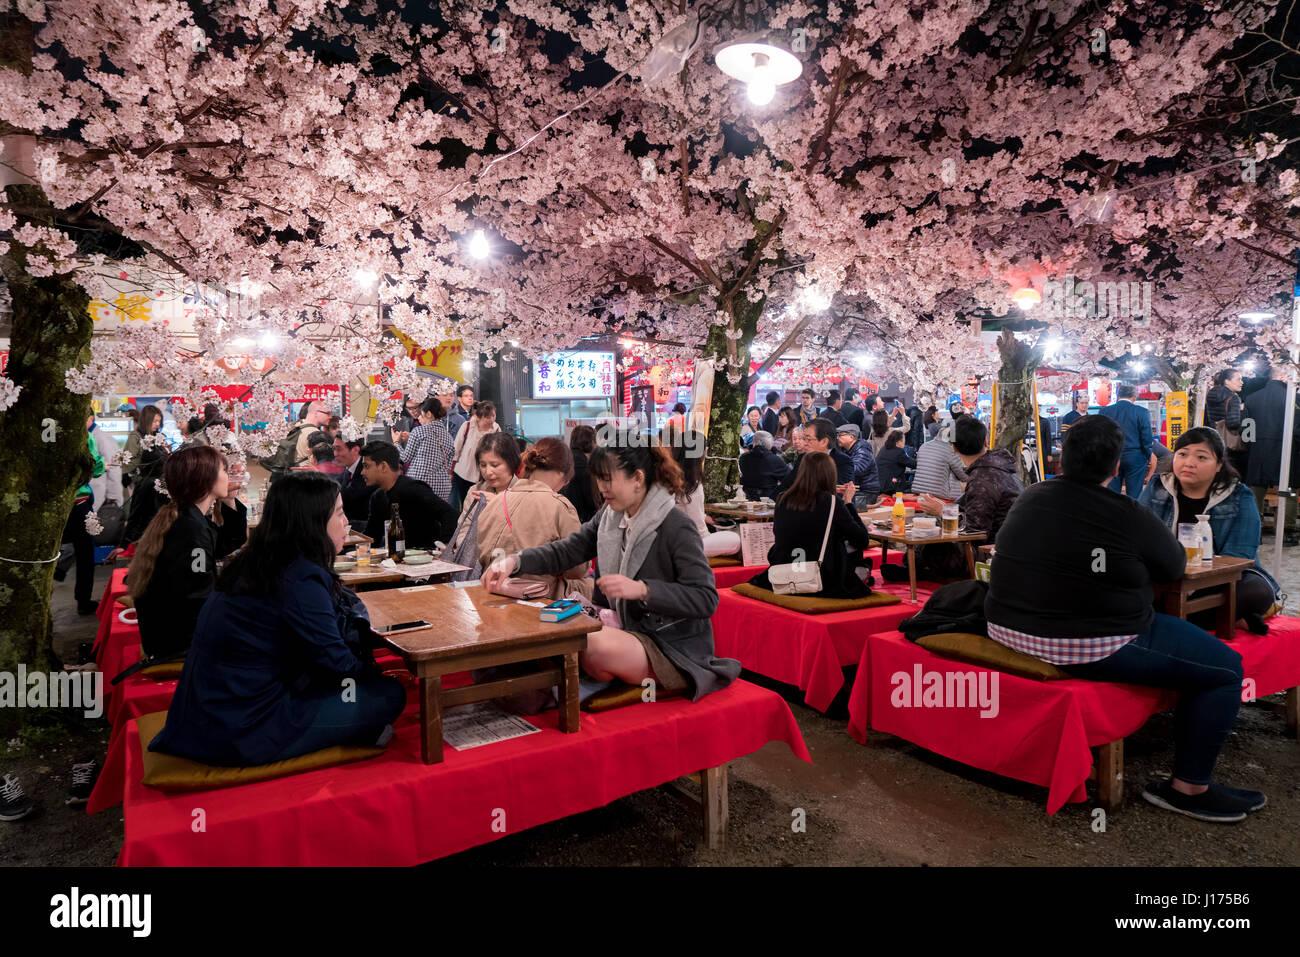 KYOTO, Giappone - Aprile 7, 2017: Giappone folla godetevi la primavera fiori di ciliegio a Kyoto per la partecipazione Immagini Stock